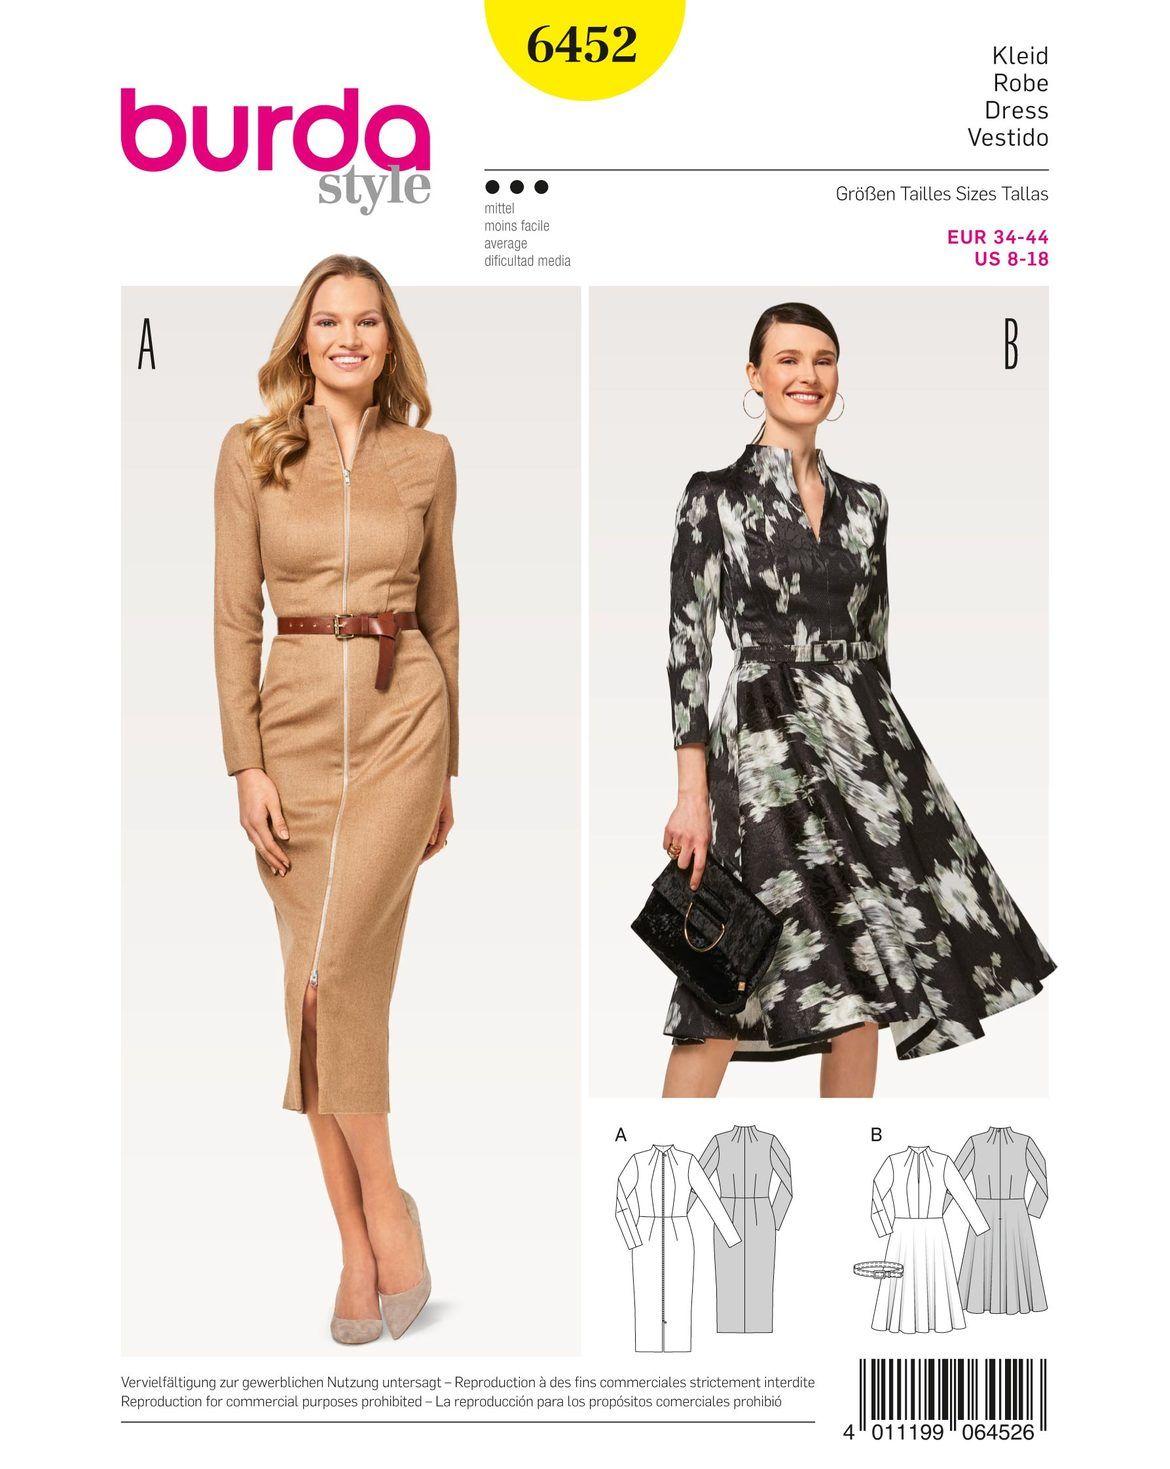 Zwei Kleider mit körpernahem Oberteil. Einmal ein Mantelkleid mit